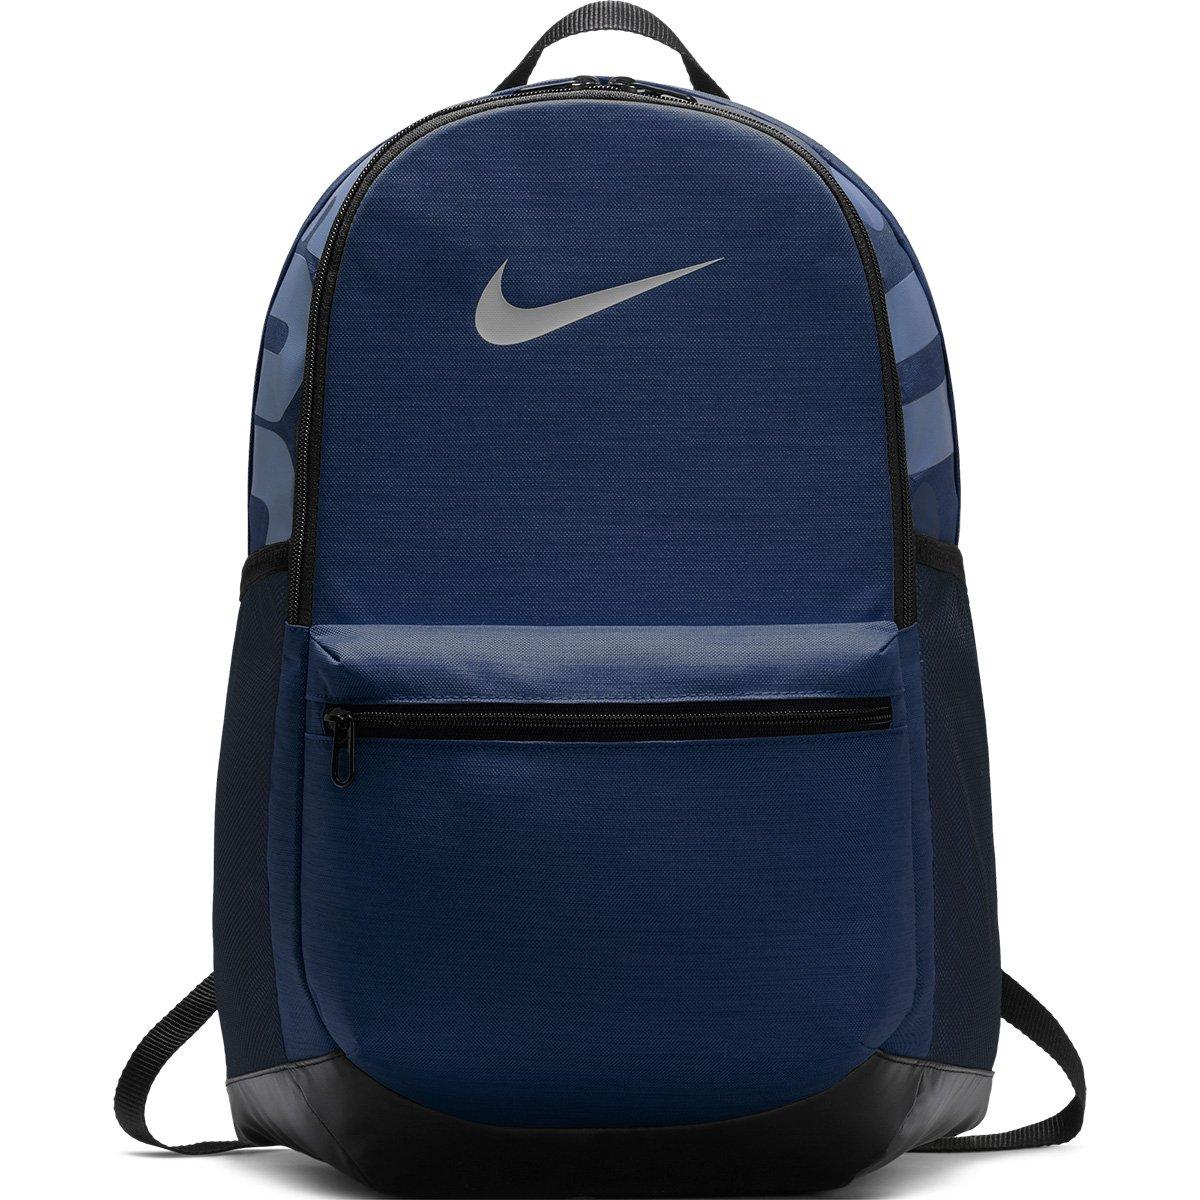 Mochila Nike Brasília - Marinho e Preto - Compre Agora  1bc35371b7a97